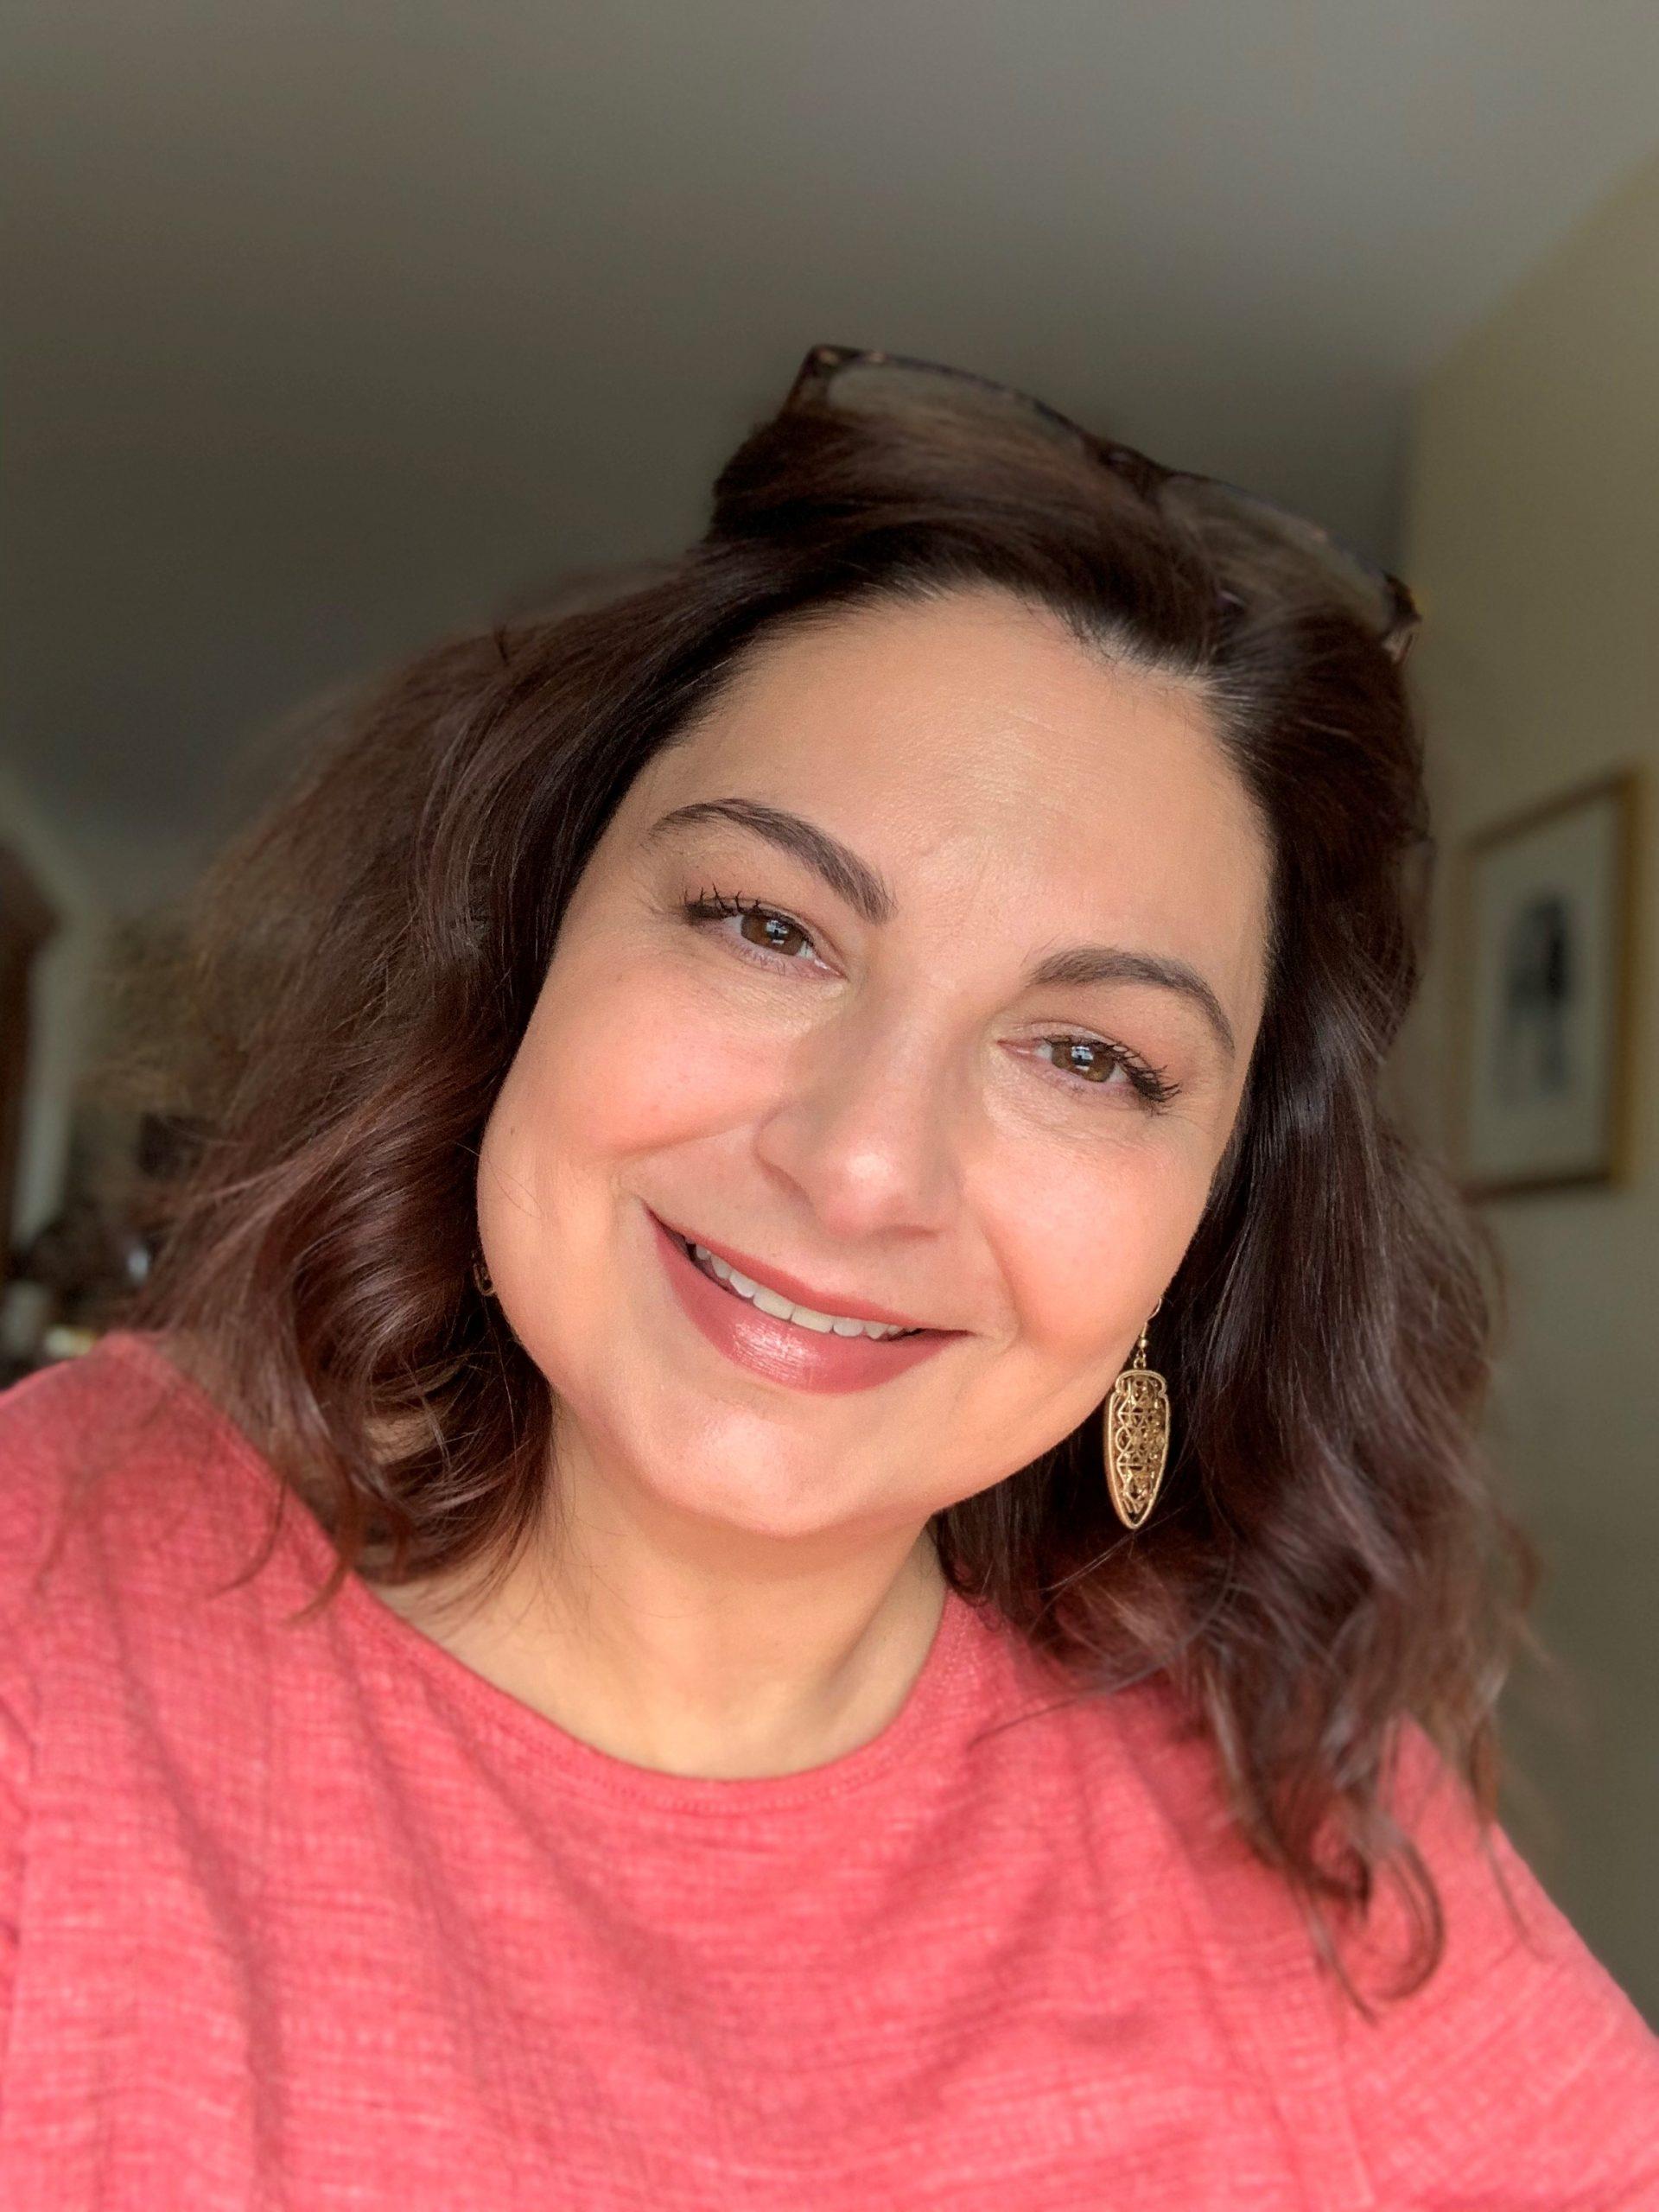 Gabriella Biancofiore